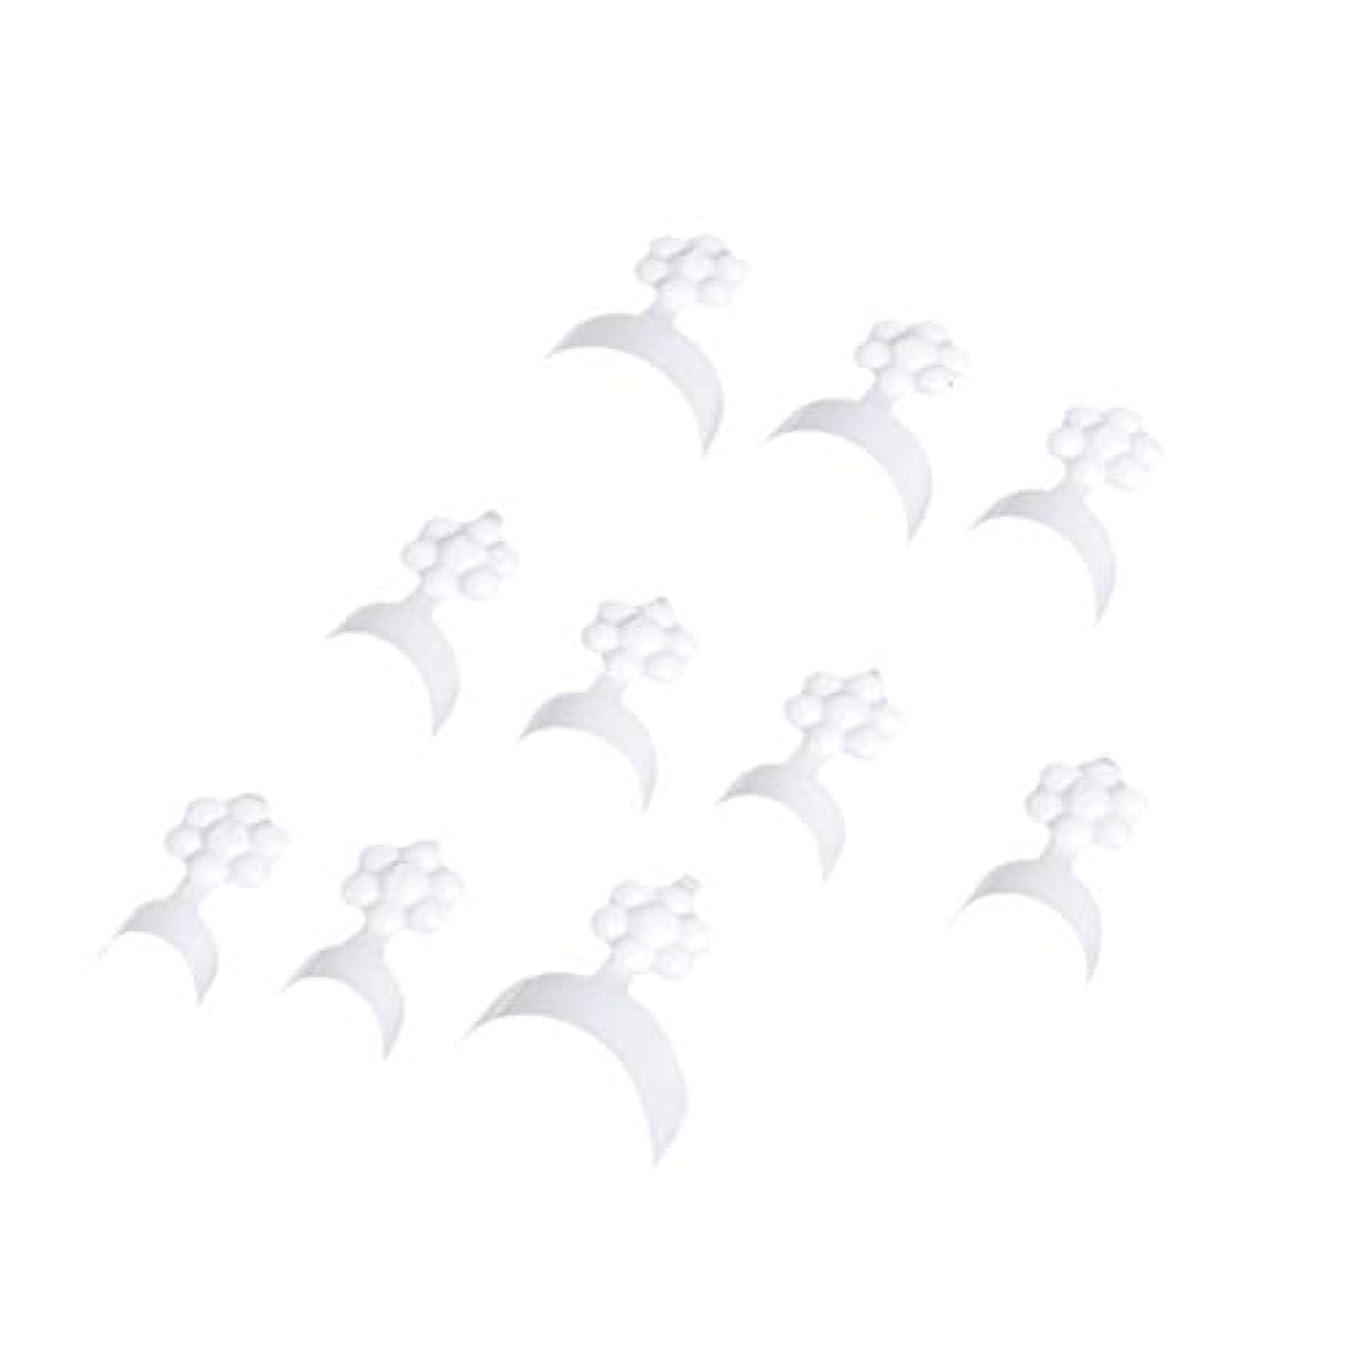 死走るアセンブリFrcolor 100ピース ネイルチップ フレンチショートスタイル クレセント人工偽ネイル 指ステッカーエクステンションツール ネイルアート用品